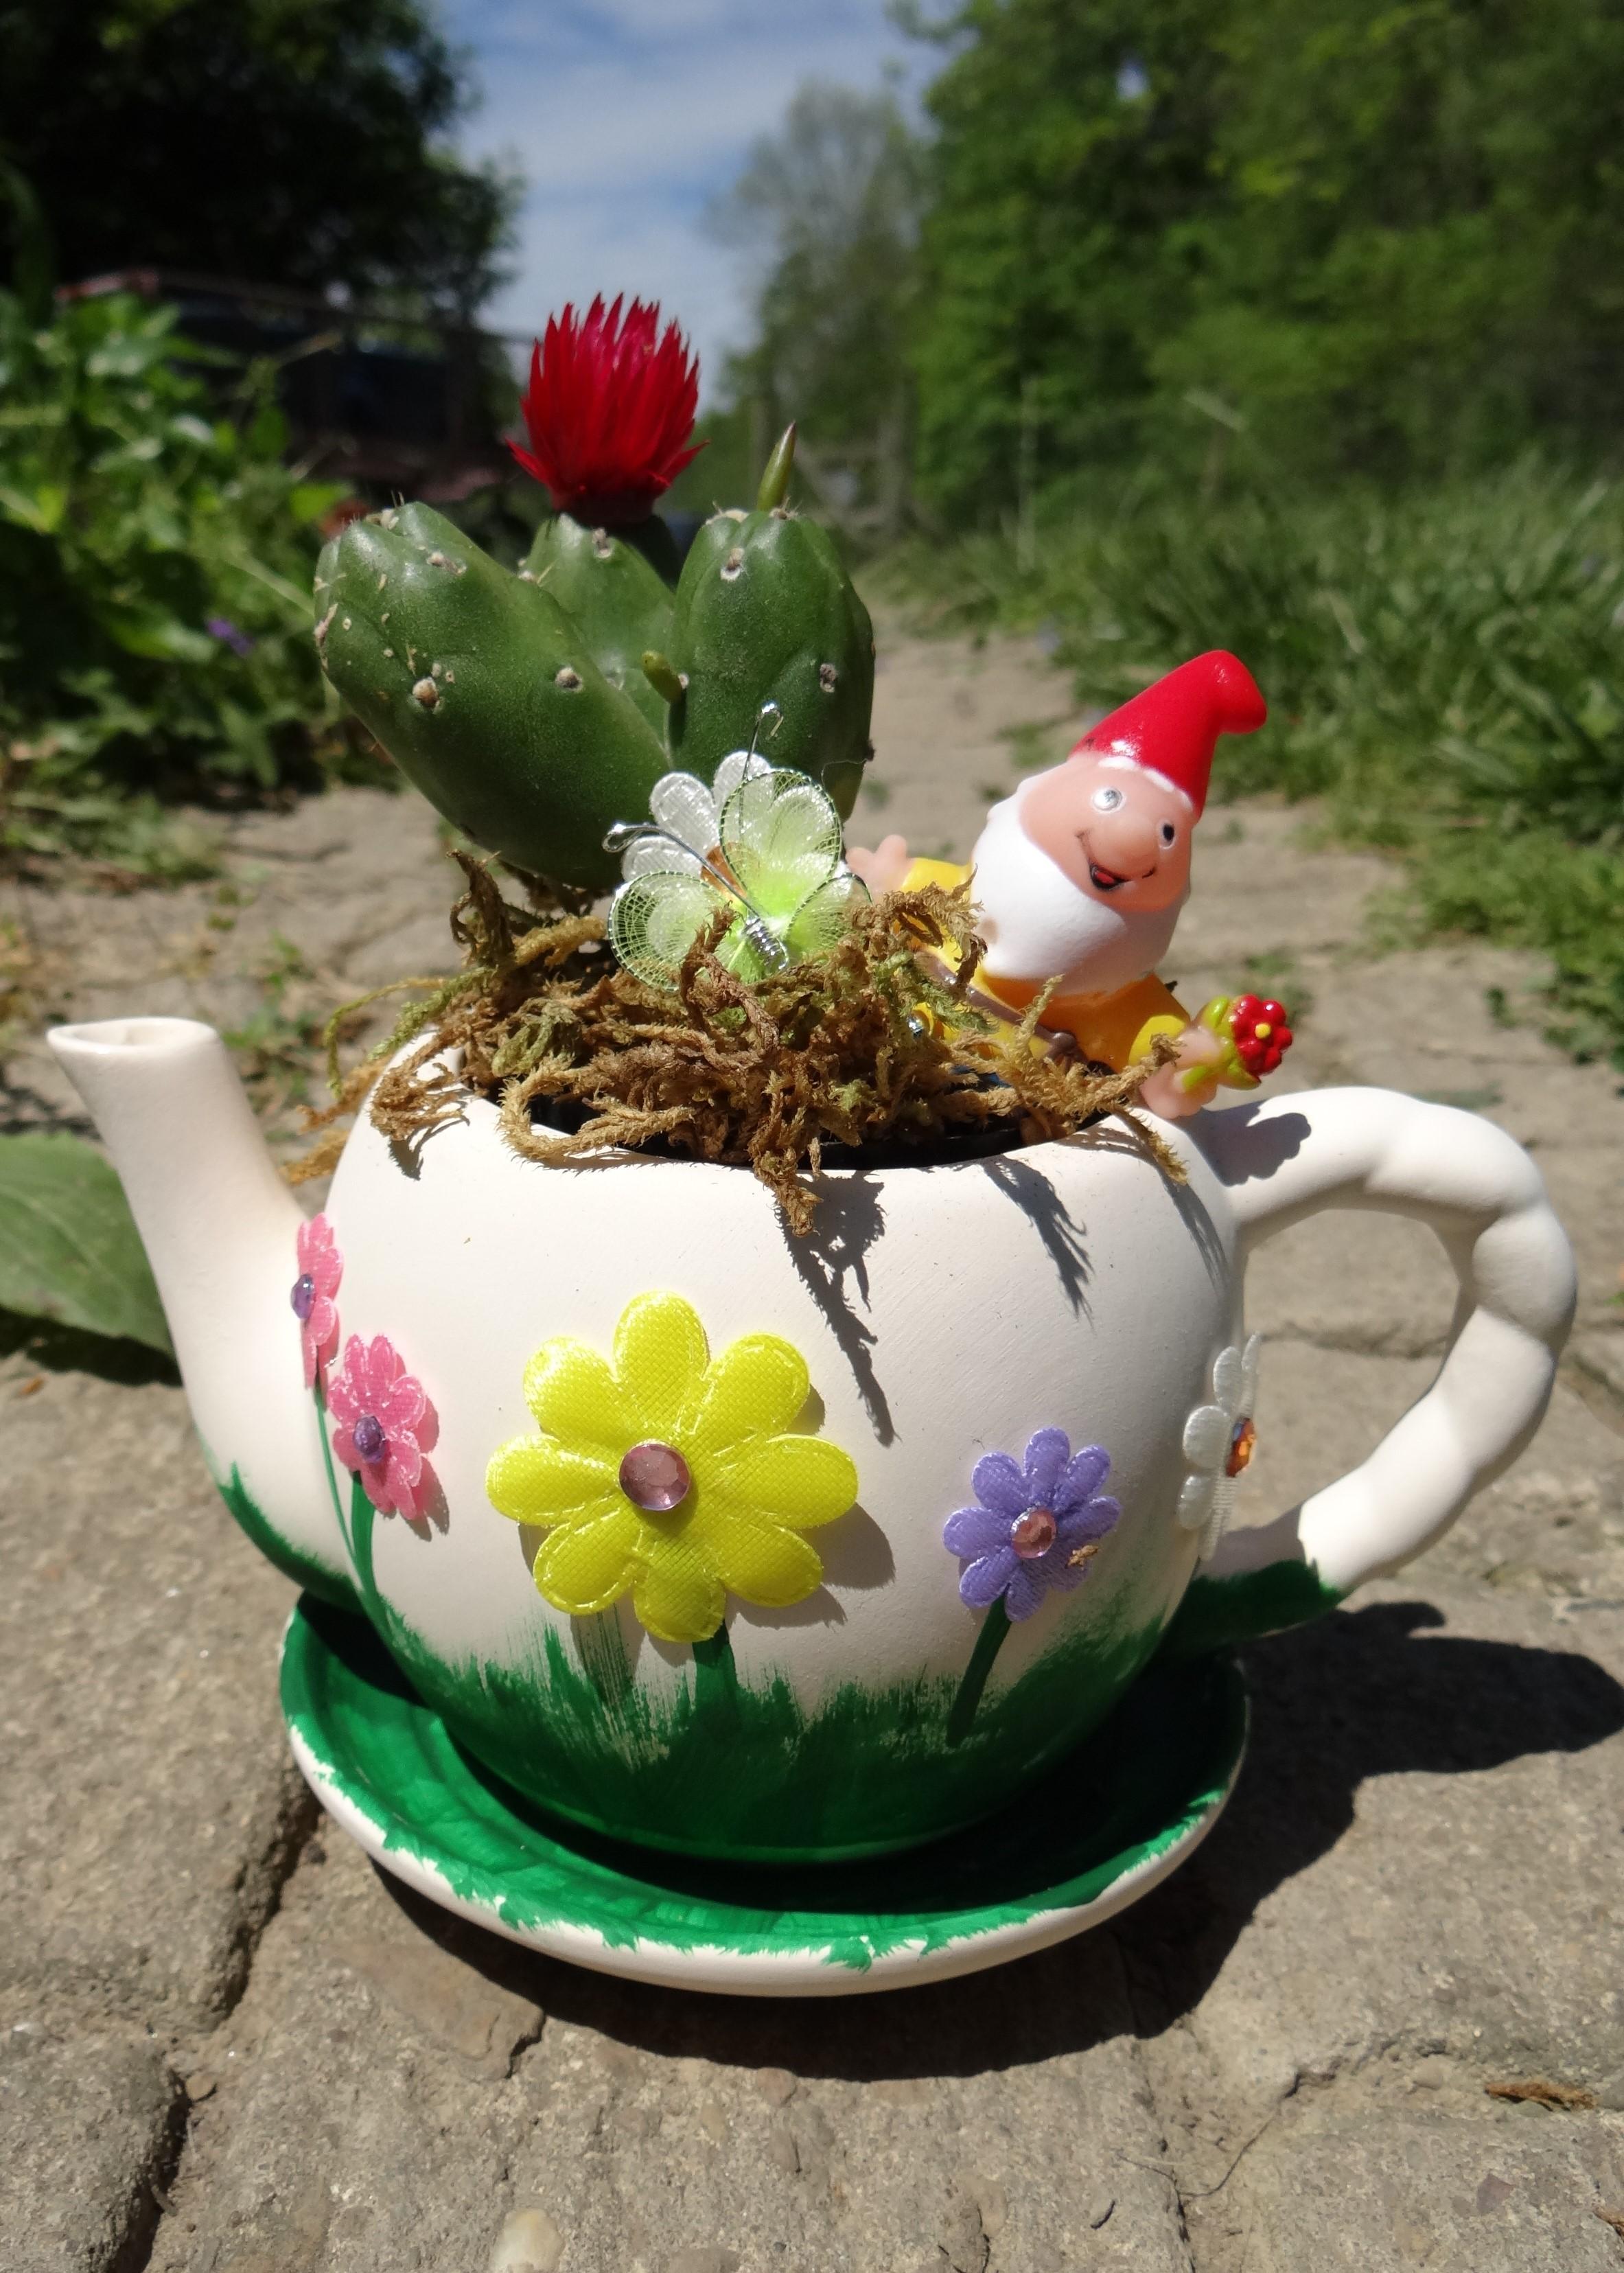 Catchy A Diy Fairy Garden Tea Read On Diy Fairy Garden Tea Pot Oriental Sharing Tips Forcreating A Garden Tea Party Garden Party Ideas Rural Mom Thanks To Our Partnership garden Diy Fairy Garden